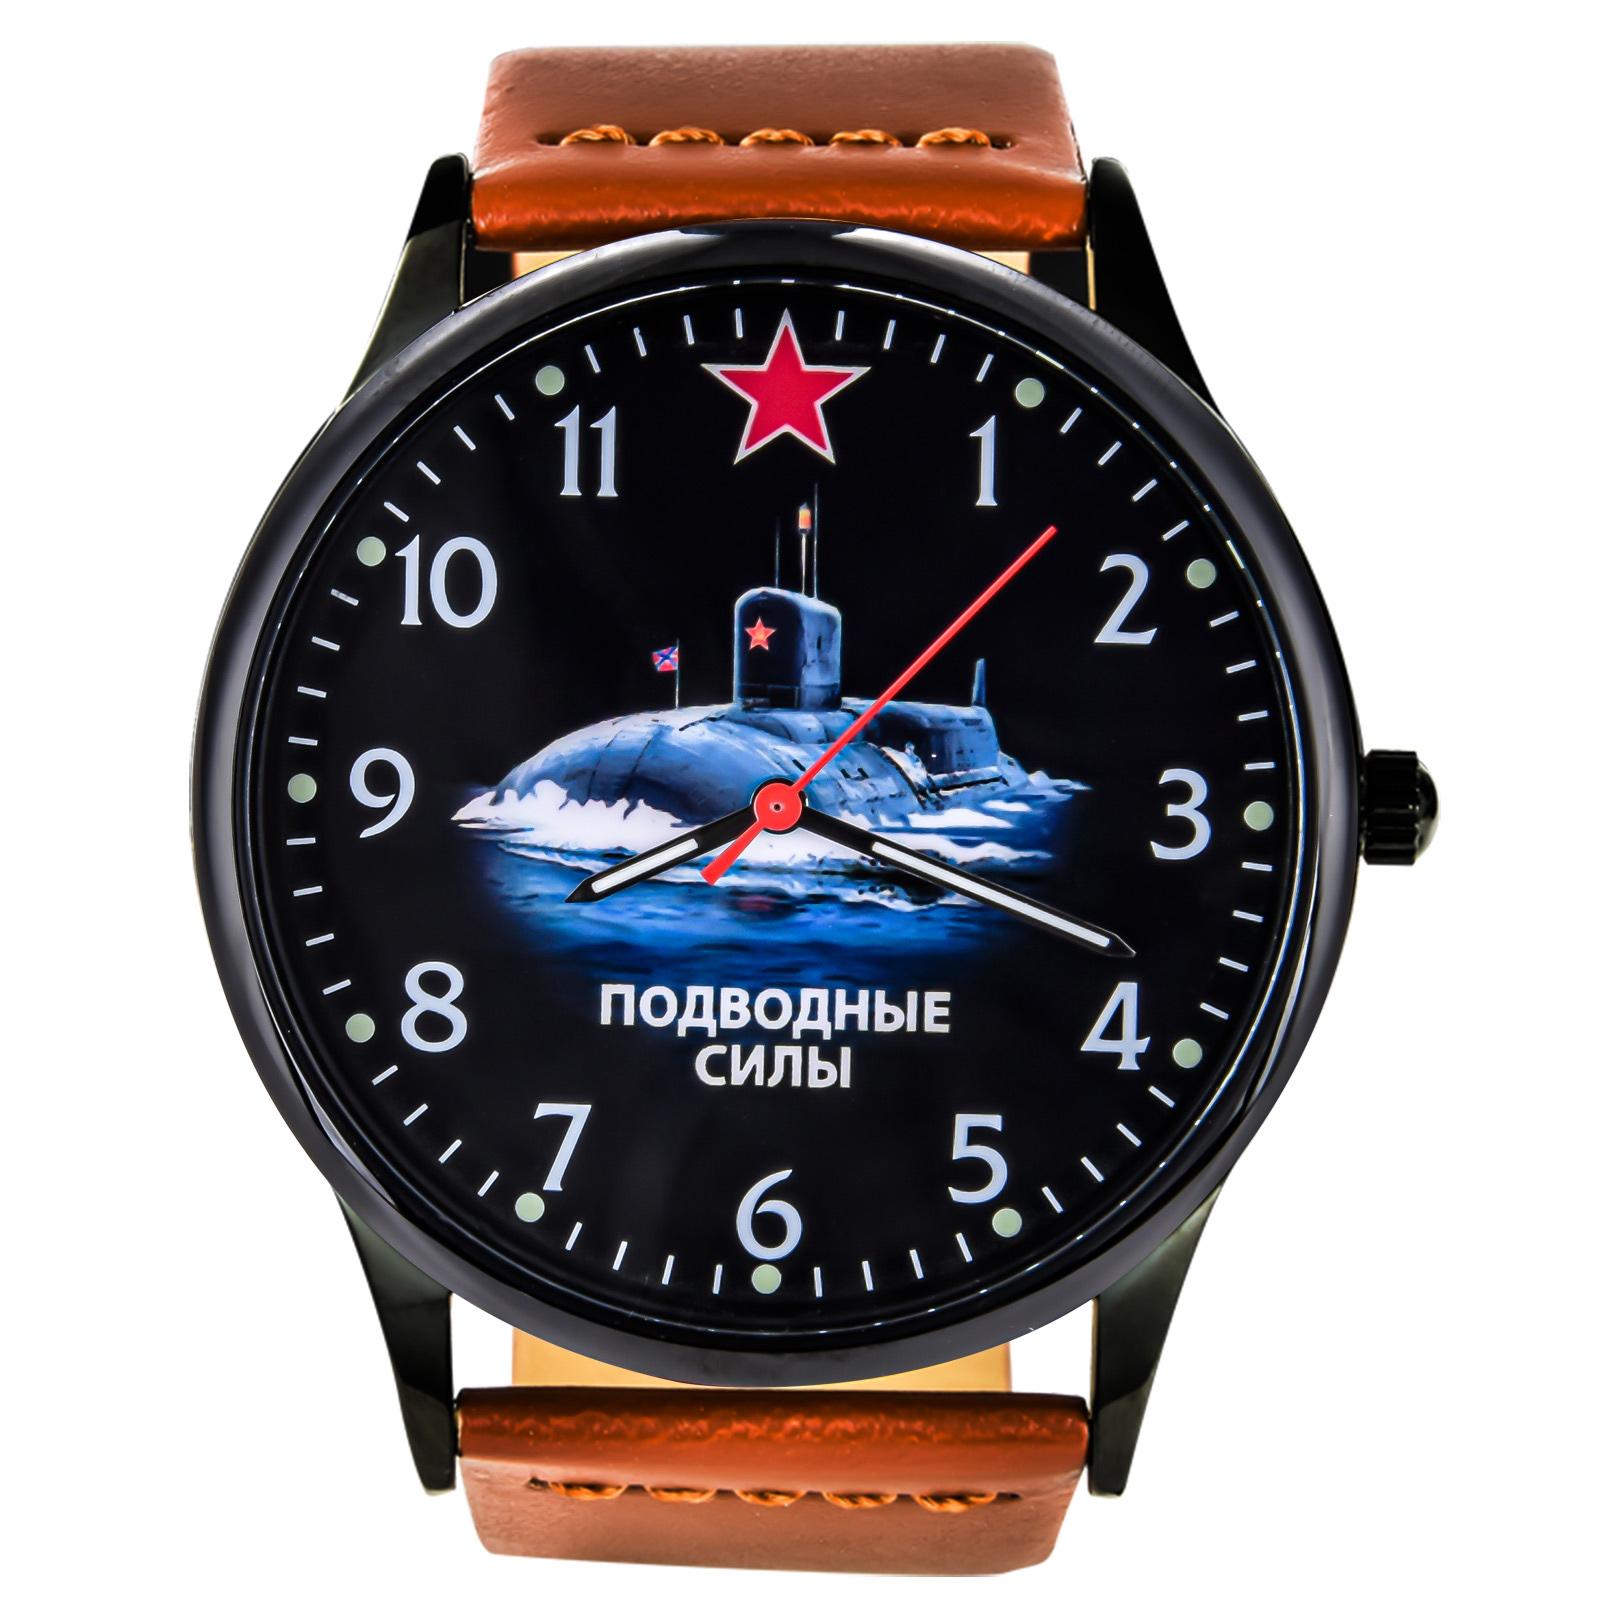 Наручные часы Подводные силы купить в Военпро